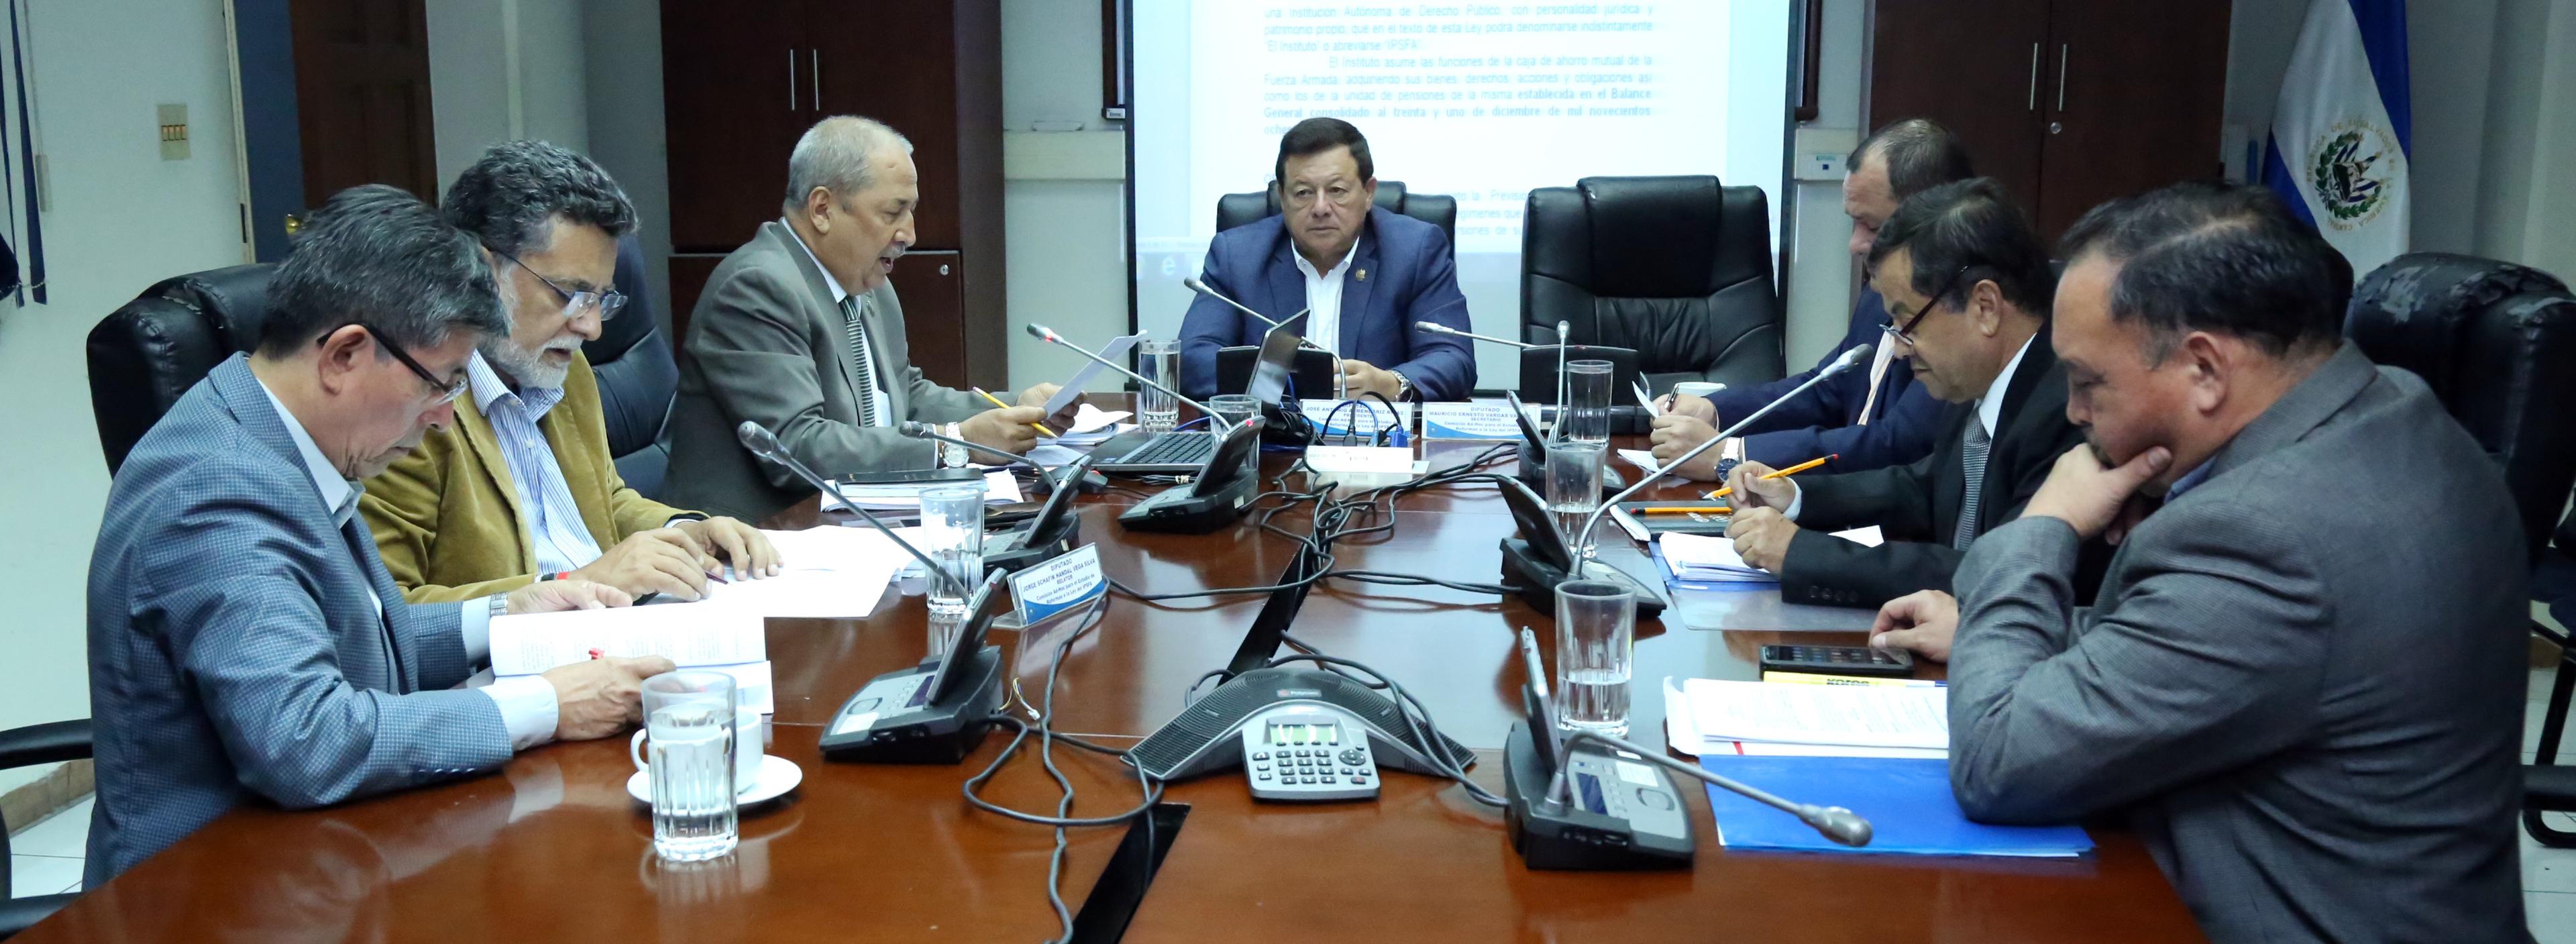 Adaptan normativas en pensiones para seguridad jurídica y económica de miembros de la FAES